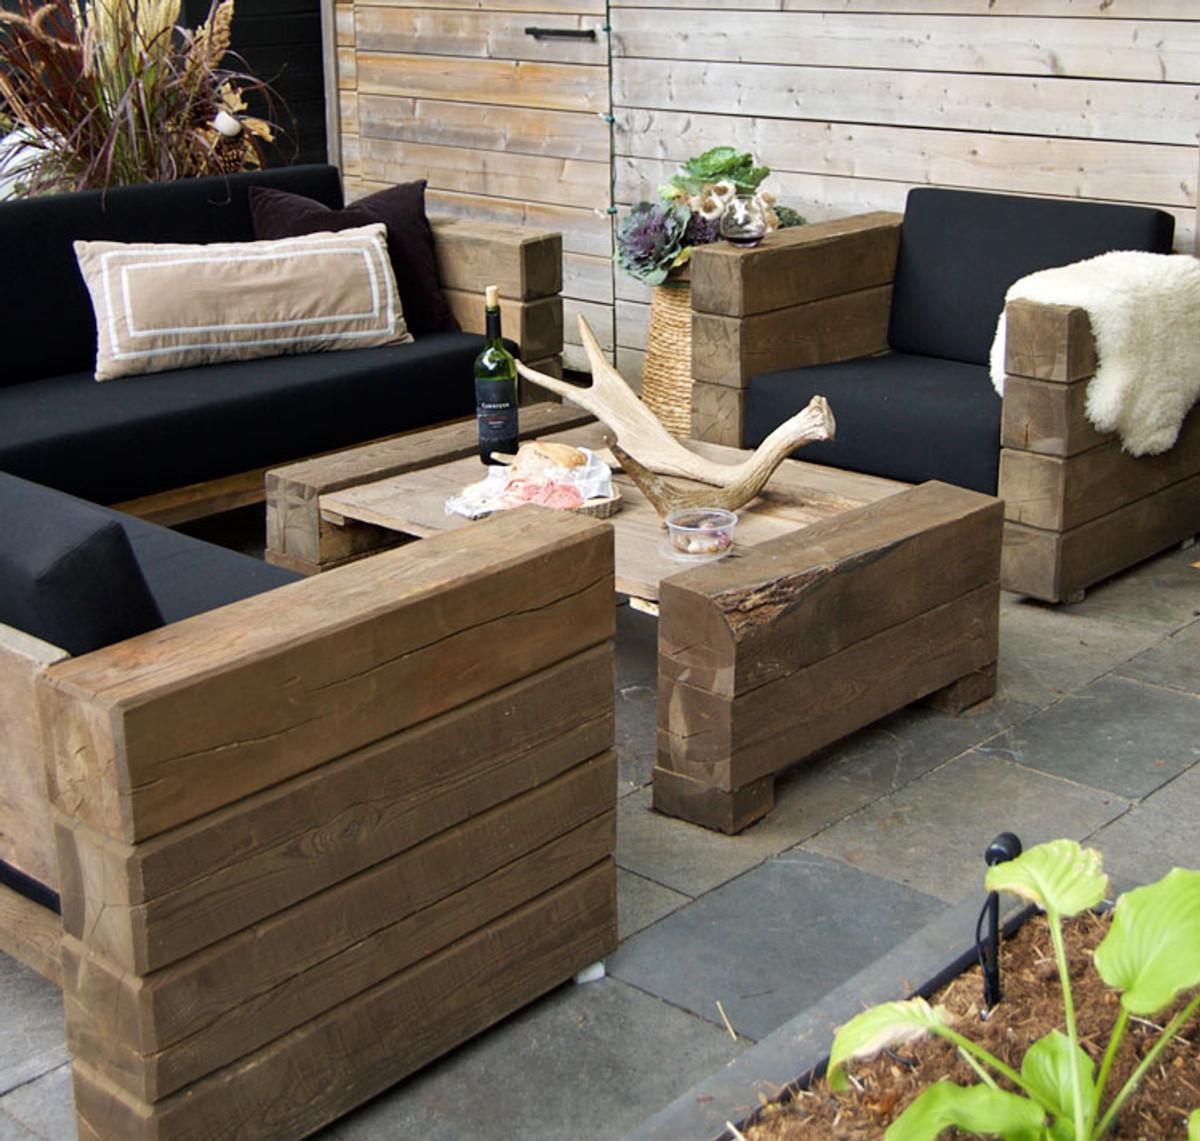 luxus garten m bel set eiche massiv mit polsterung eckcouch sessel tisch lounge set. Black Bedroom Furniture Sets. Home Design Ideas